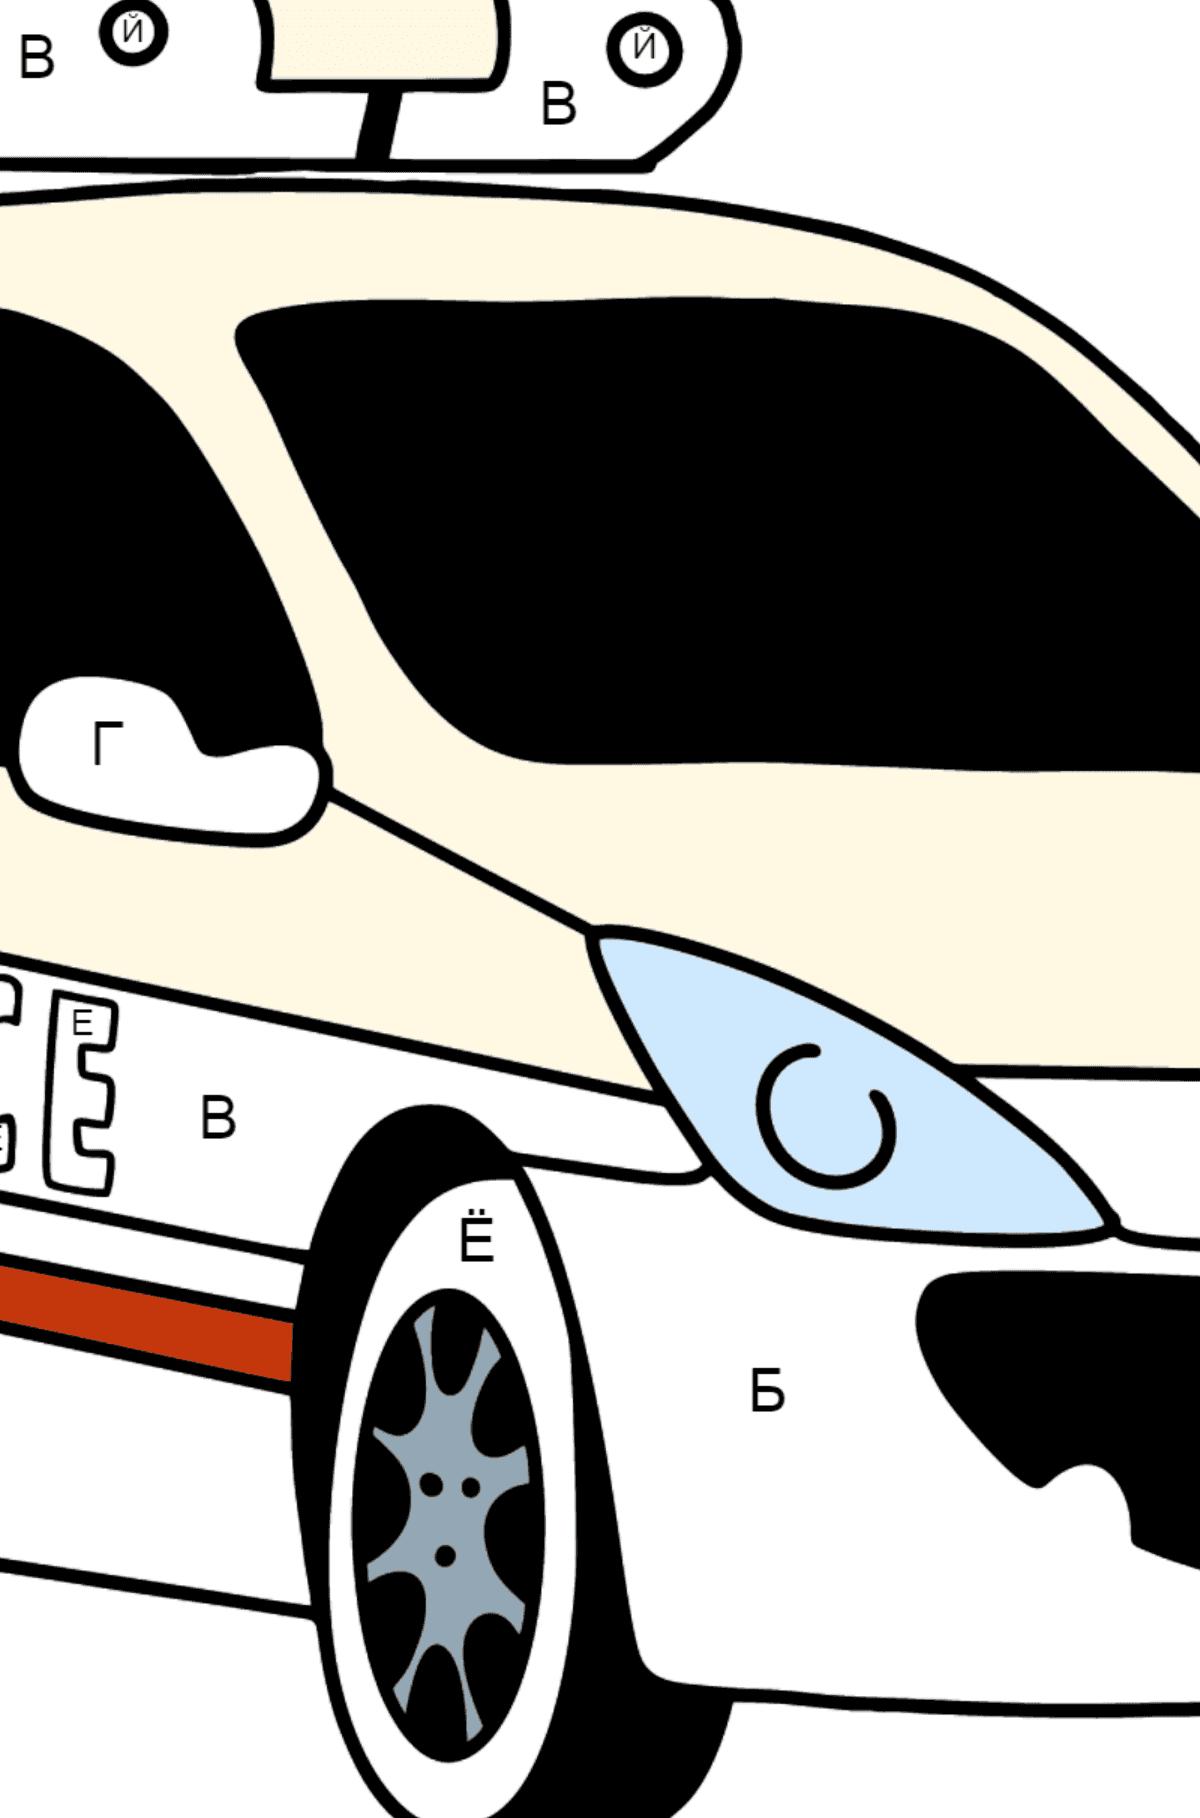 Раскраска Машина полиции во Франции - Раскраска по Буквам для Детей